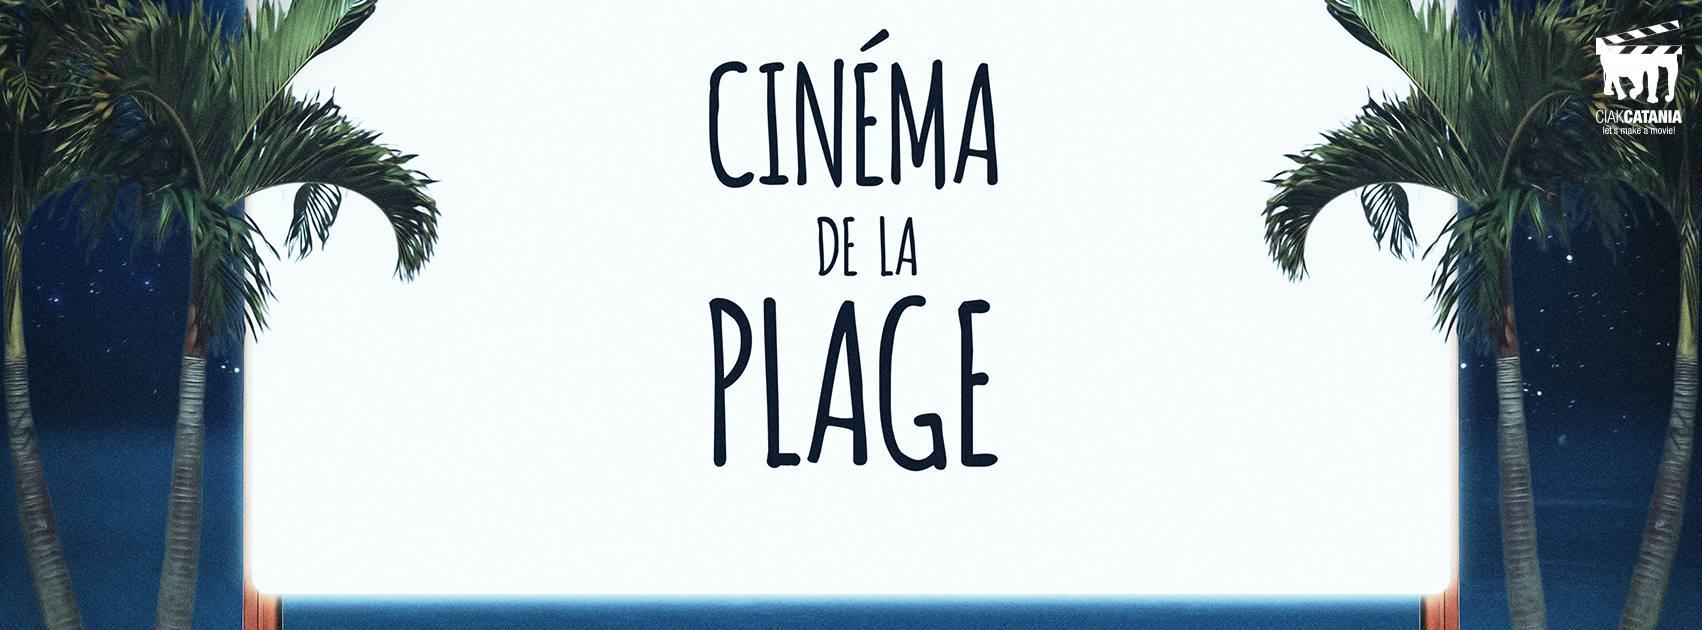 Cinéma de la Plage: oggi ultimo appuntamento